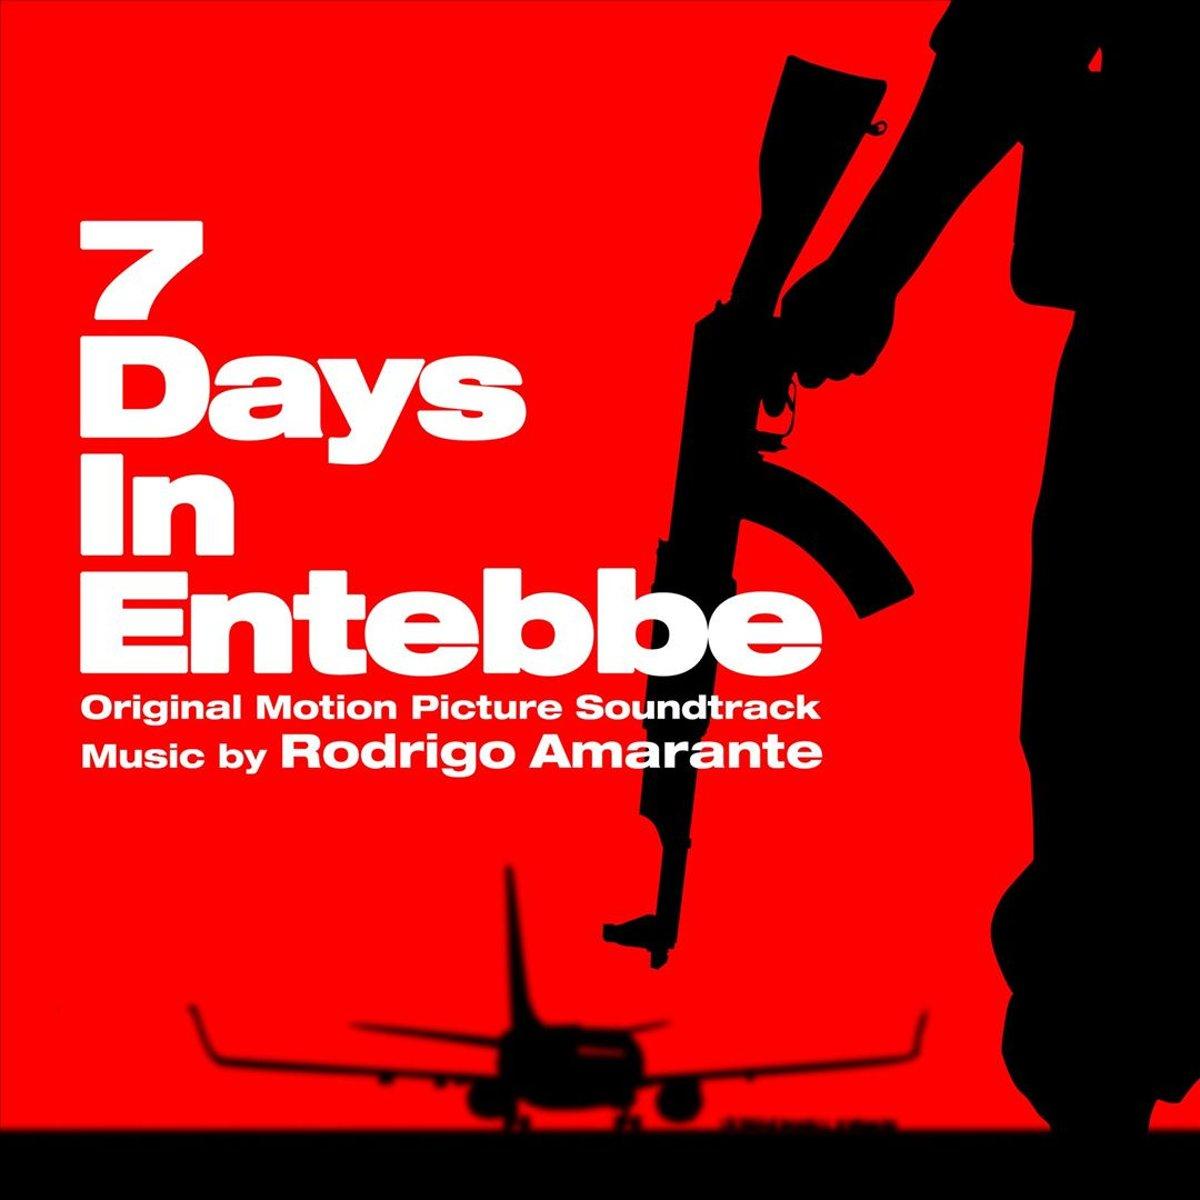 7 Days In Entebbe kopen